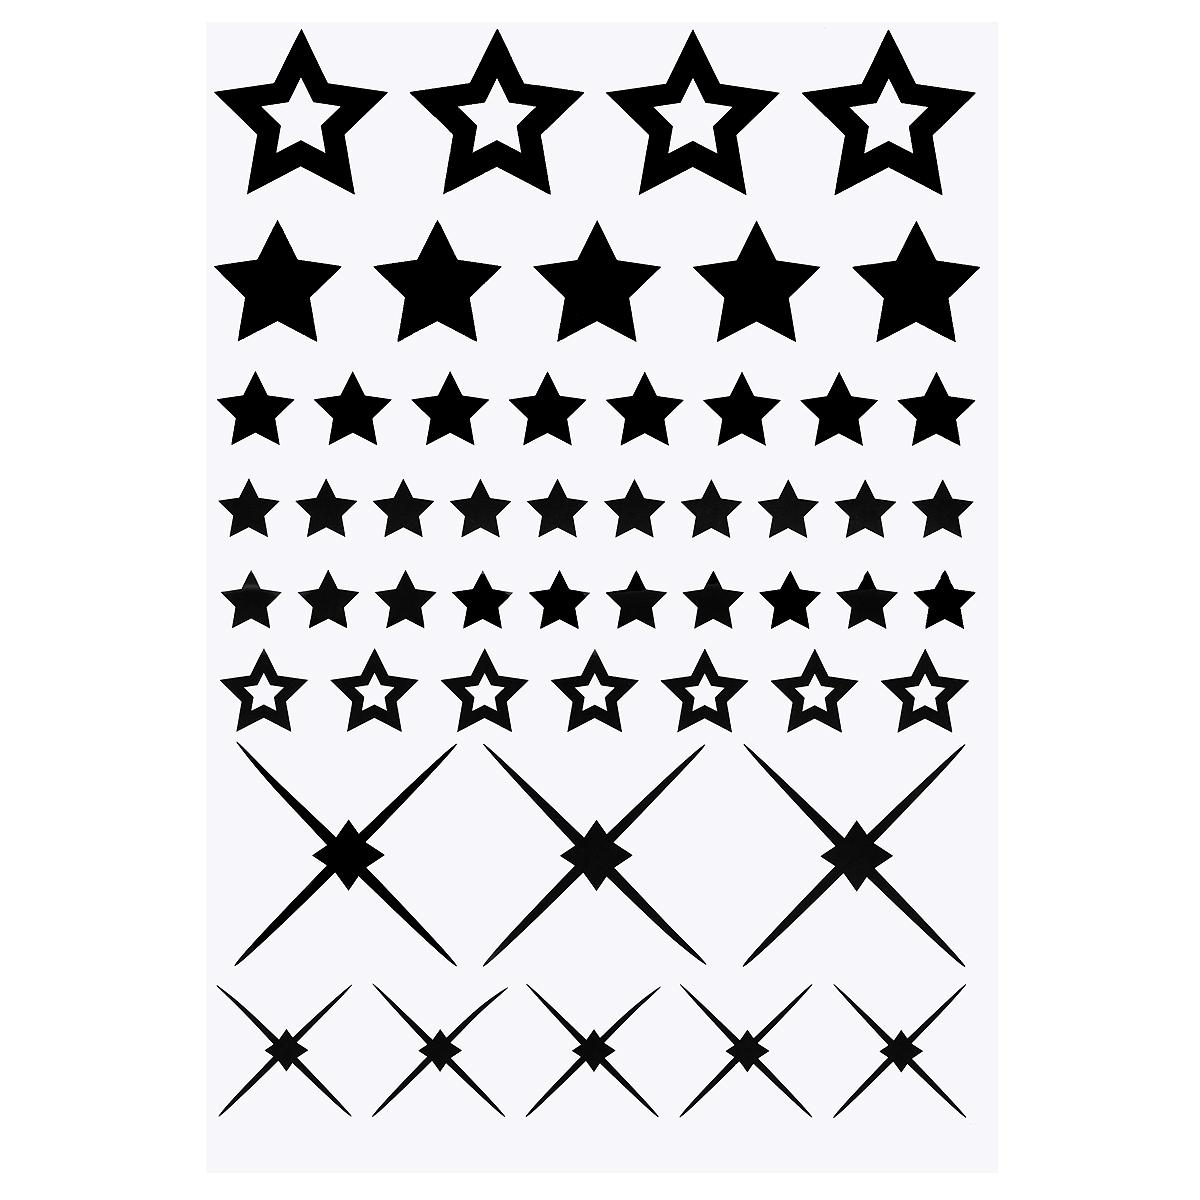 Стикер Paristic Звезды, 30 х 40 см300173Добавьте оригинальность вашему интерьеру с помощью необычного стикера Звезды. Изображение на стикере выполнено в виде нескольких звездочек различного размера. Изображения можно разделить и разместить в любых местах в выбранном вами помещении, создав тем самым необычную композицию.Необыкновенный всплеск эмоций в дизайнерском решении создаст утонченную и изысканную атмосферу не только спальни, гостиной или детской комнаты, но и даже офиса. Стикервыполнен из матового винила - тонкого эластичного материала, который хорошо прилегает к любым гладким и чистым поверхностям, легко моется и держится до семи лет, не оставляя следов.Сегодня виниловые наклейки пользуются большой популярностью среди декораторов по всему миру, а на российском рынке товаров для декорирования интерьеров - являются новинкой.Paristic - это стикеры высокого качества. Художественно выполненные стикеры, создающие эффект обмана зрения, дают необычную возможность использовать в своем интерьере элементы городского пейзажа. Продукция представлена широким ассортиментом - в зависимости от формы выбранного рисунка и от Ваших предпочтений стикеры могут иметь разный размер и разный цвет (12 вариантов помимо классического черного и белого). В коллекции Paristic-авторские работы от урбанистических зарисовок и узнаваемых парижских мотивов до природных и графических объектов. Идеи французских дизайнеров украсят любой интерьер: Paristic -это простой и оригинальный способ создать уникальную атмосферу как в современной гостиной и детской комнате, так и в офисе. В настоящее время производство стикеров Paristic ведется в России при строгом соблюдении качества продукции и по оригинальному французскому дизайну. Характеристики:Размер стикера:30см х40 см. Комплектация: виниловый стикер; инструкция. Производитель: Франция.